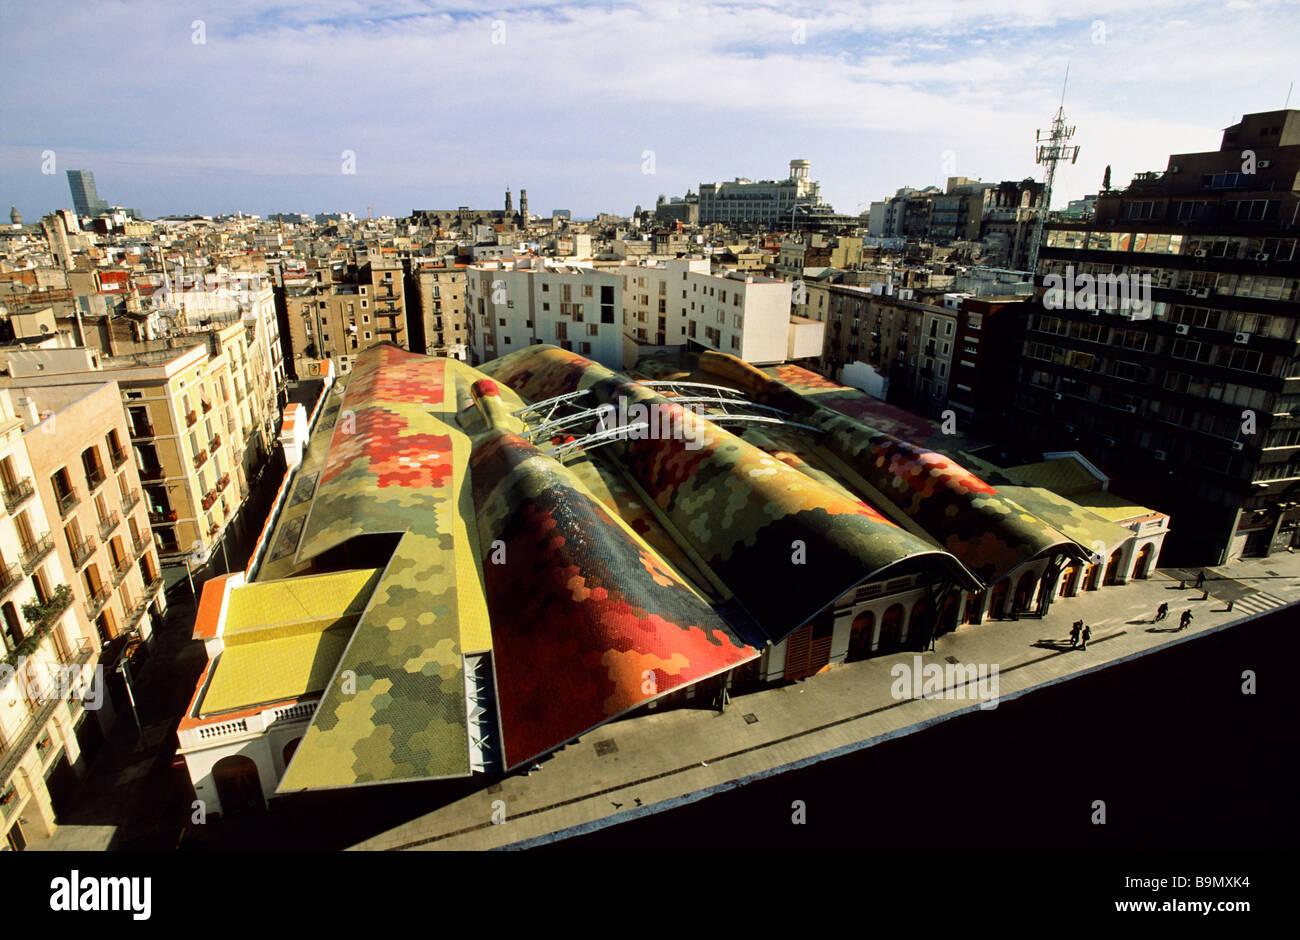 España, Cataluña, Barcelona, el mercado de Santa Caterina por el arquitecto Enric Miralles Benedetta Tagliabue Imagen De Stock